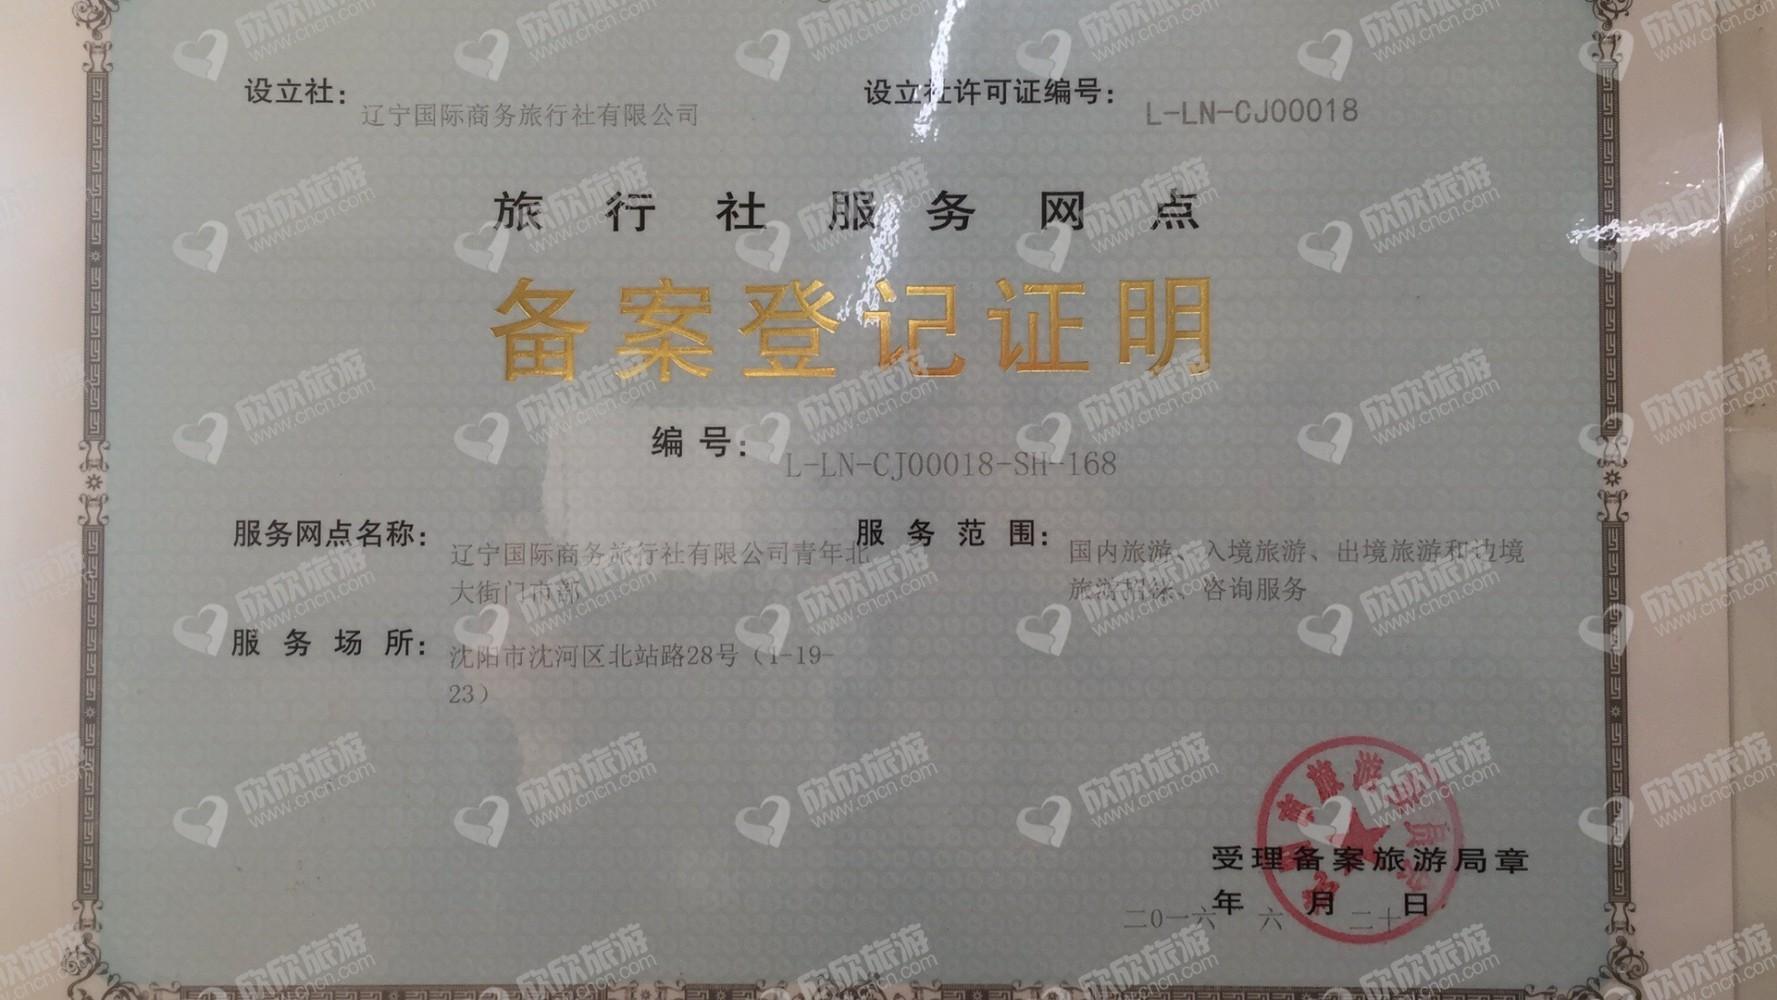 辽宁国际商务旅行社有限公司青年北大街门市部经营许可证